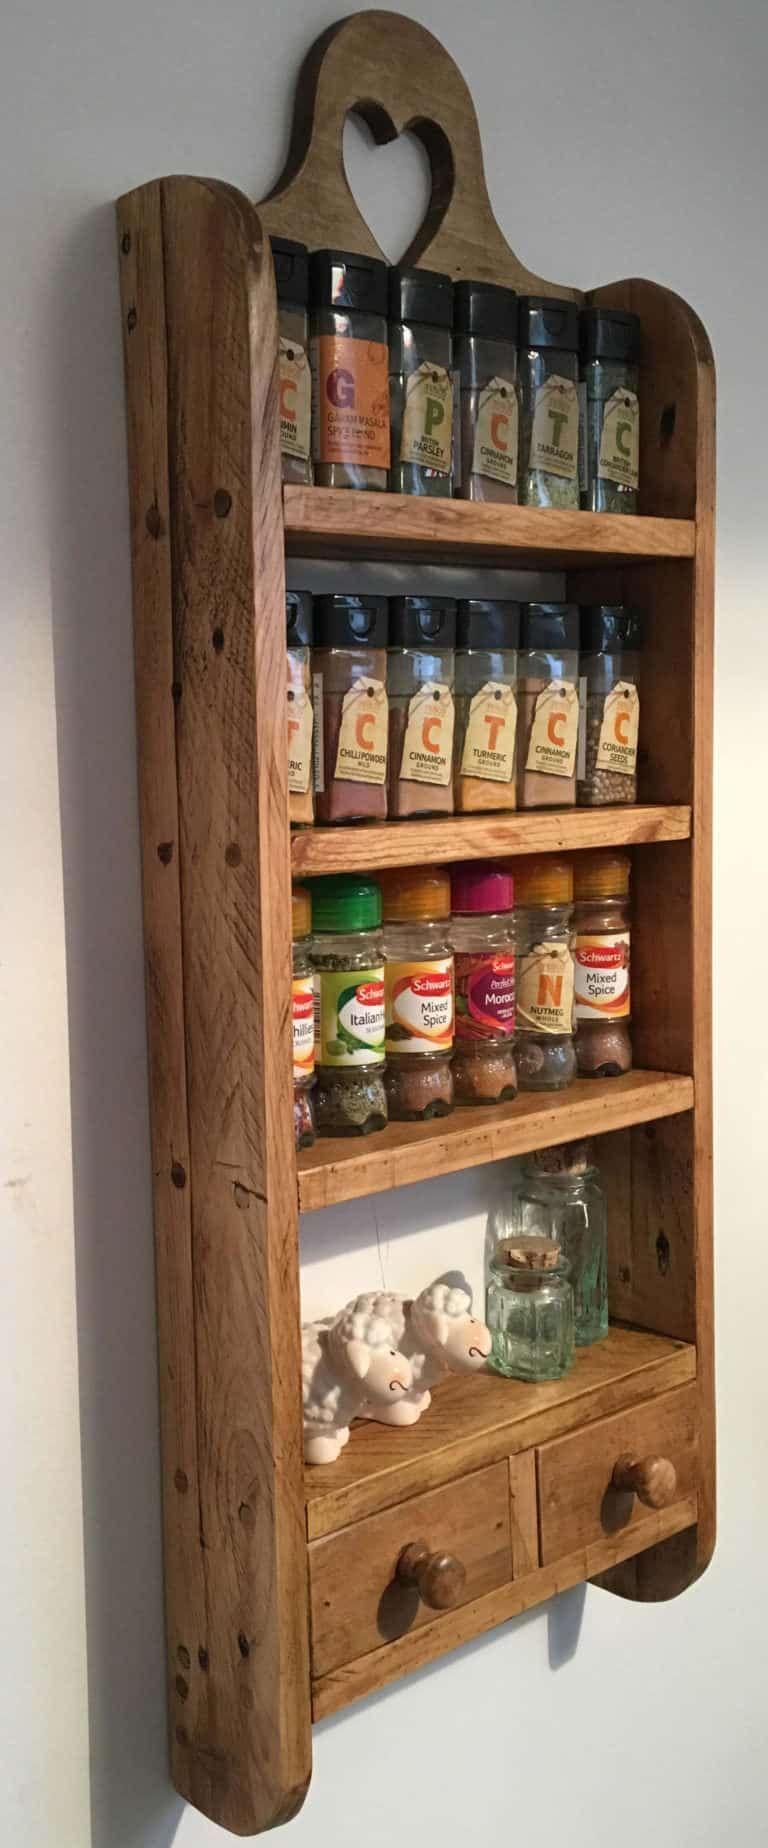 Fabriquer Etagere A Epice 2-drawer pallet spice rack | armoires à épices, Étagères en